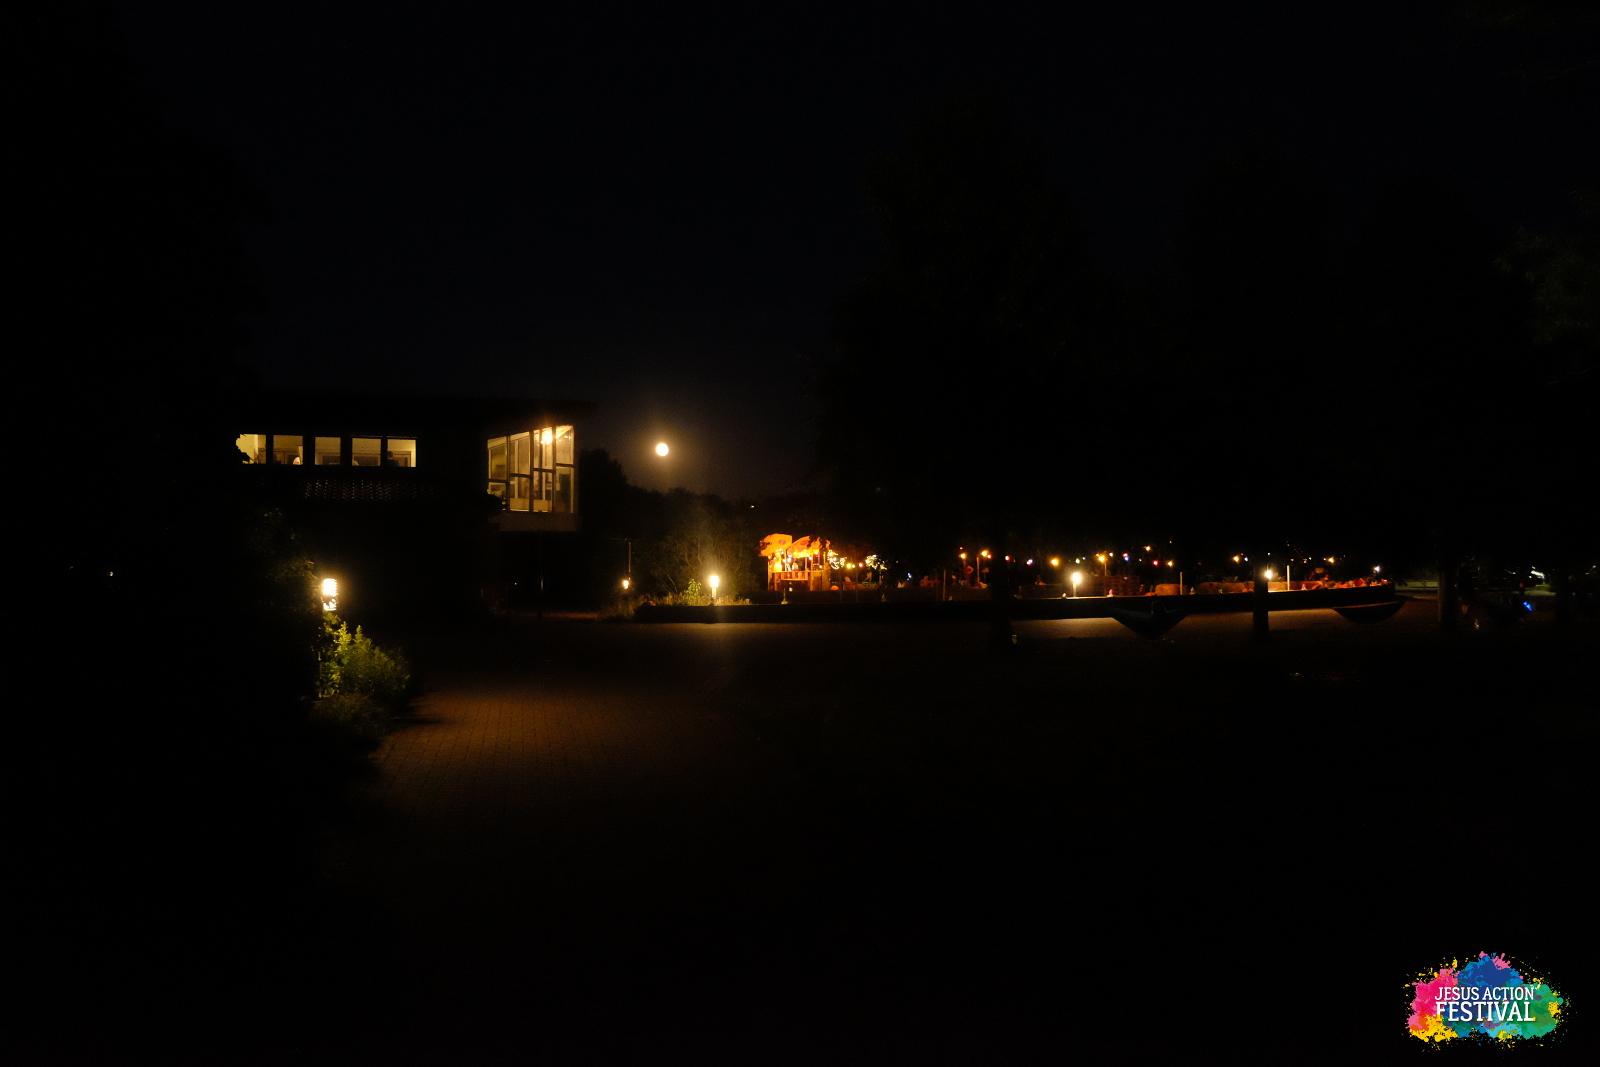 Dein Wochenende Im Sommer Jesus Action Festival Electricity In Rckblick Aufs